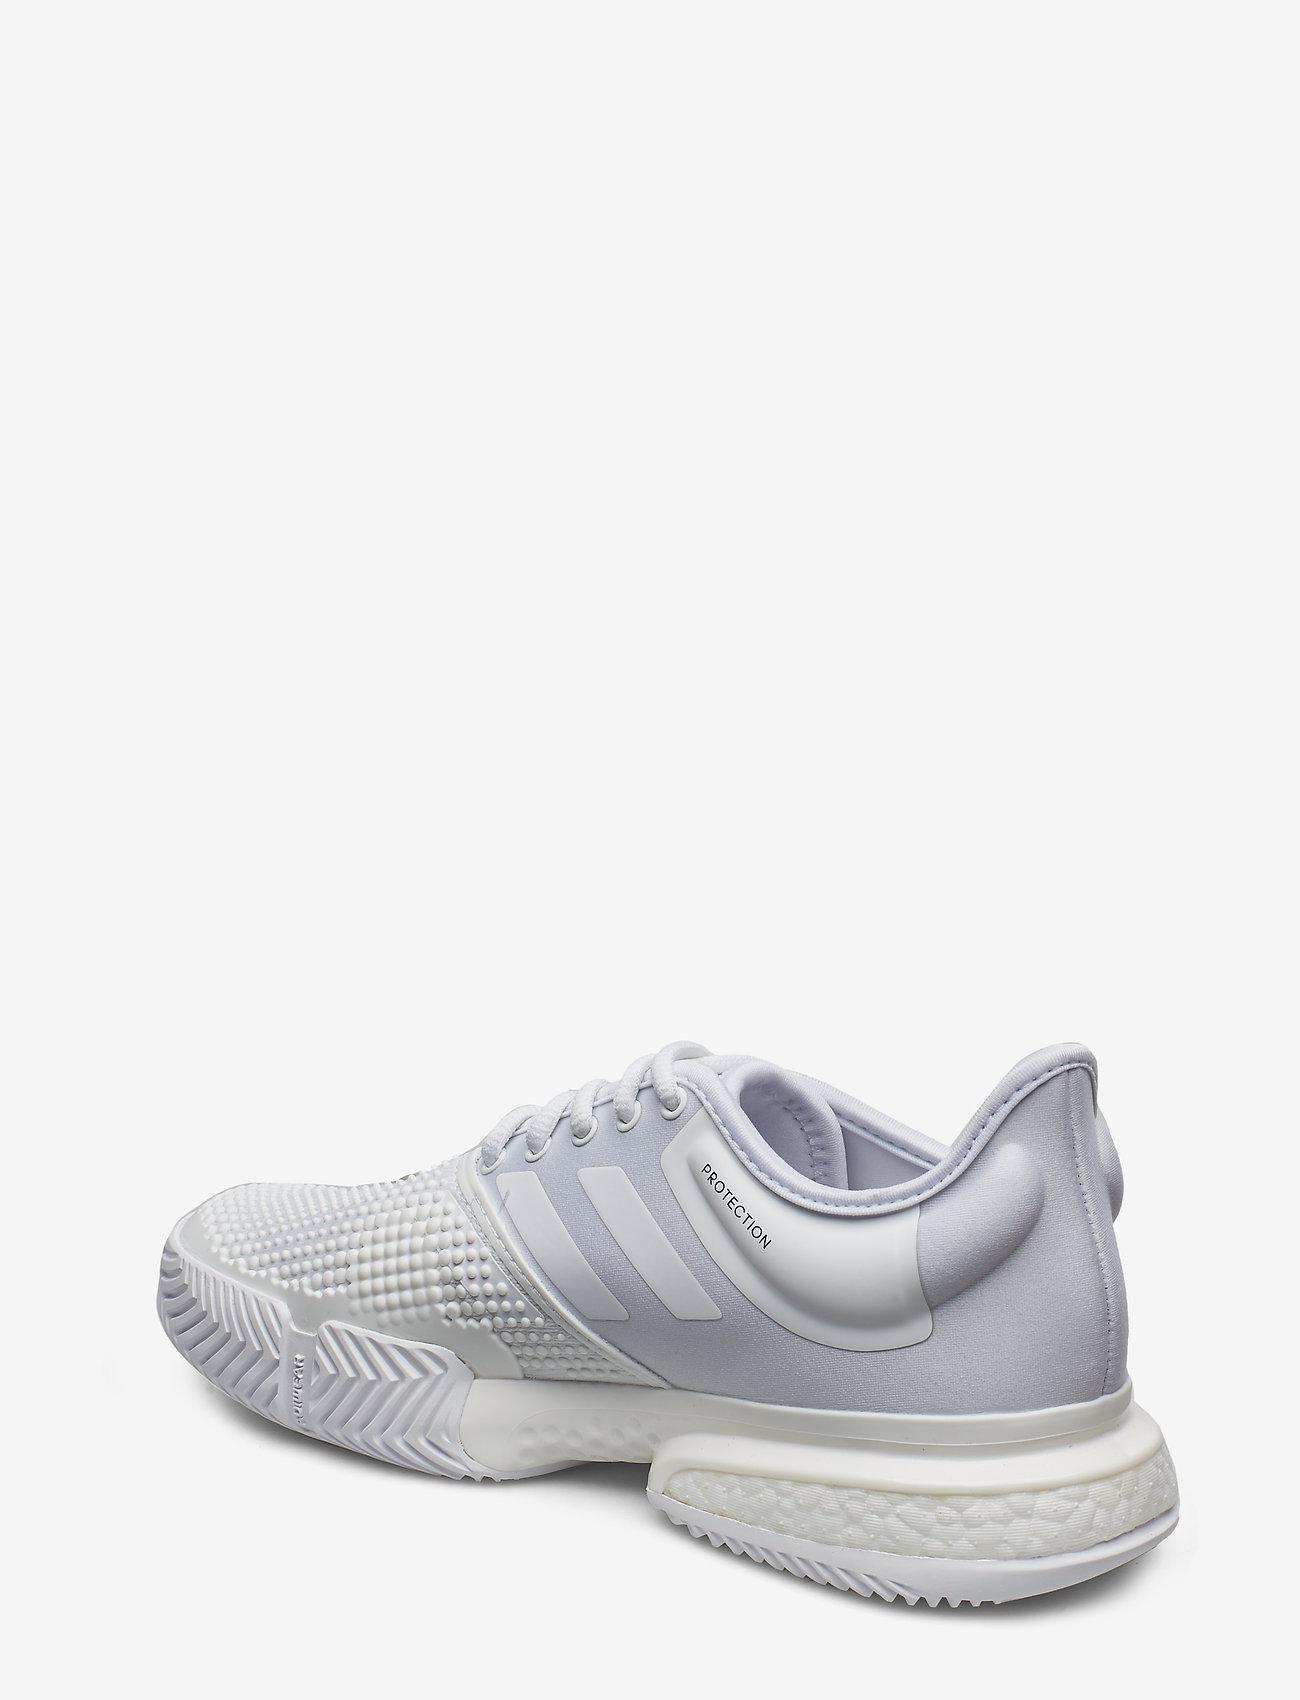 Solecourt Boost W X Parley (White) - adidas Tennis